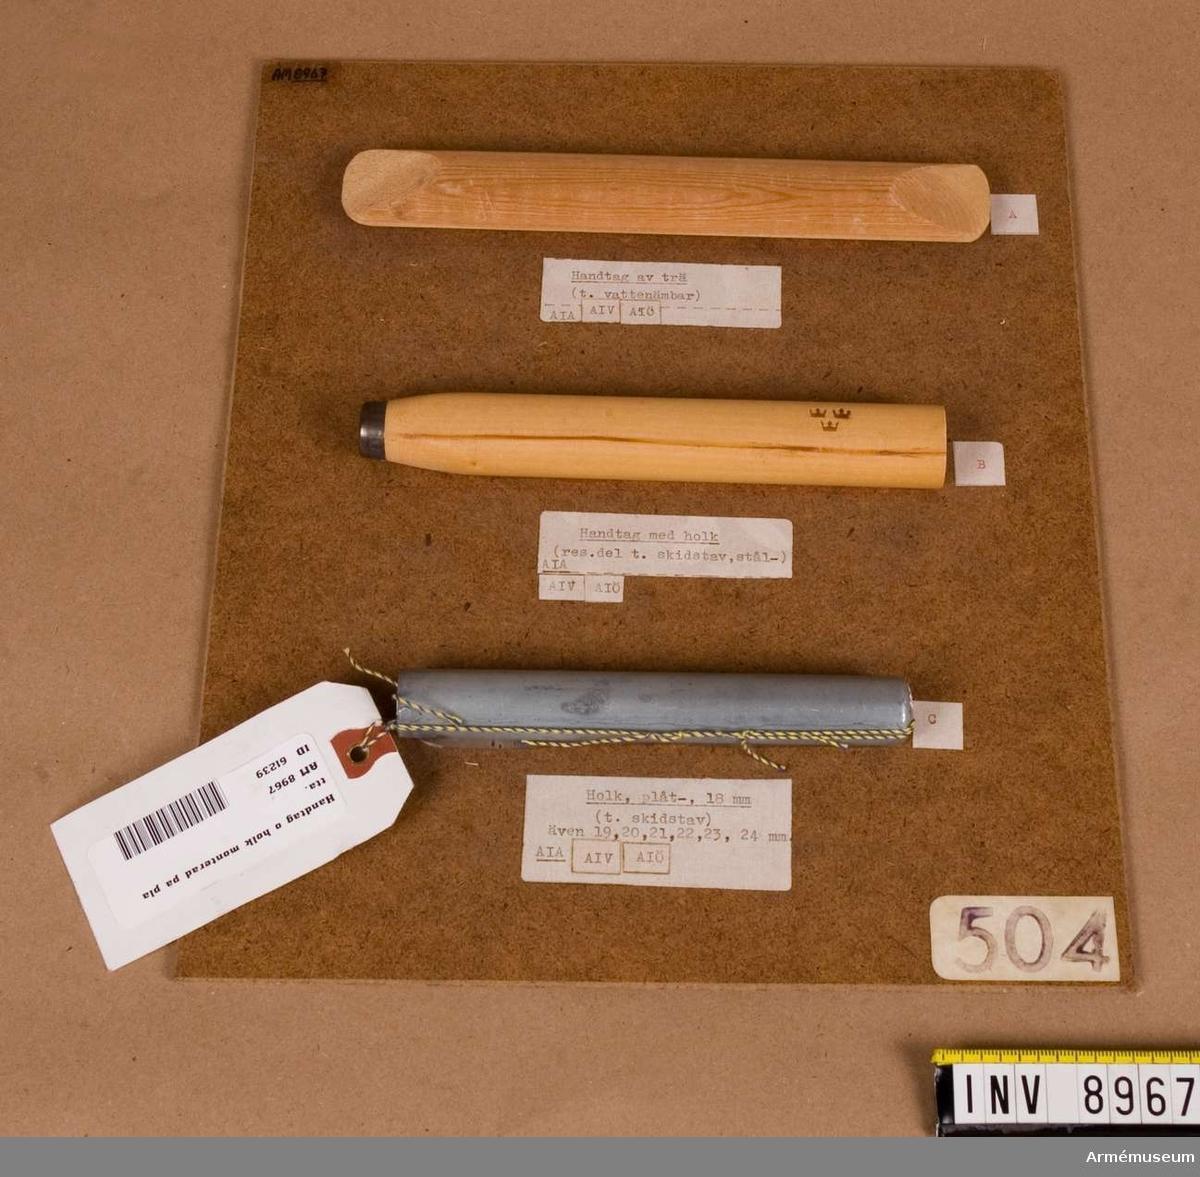 """Platta av """"masonite"""". Bestånde av fyra delar: 1 st platta av """"masonite"""", 1 st handtag av trä till vattenämbar (A), 1 st handtag med holk, reservdel till skidstav, stål (B); 1 st holk av plåt, 18 mm till skidstav."""